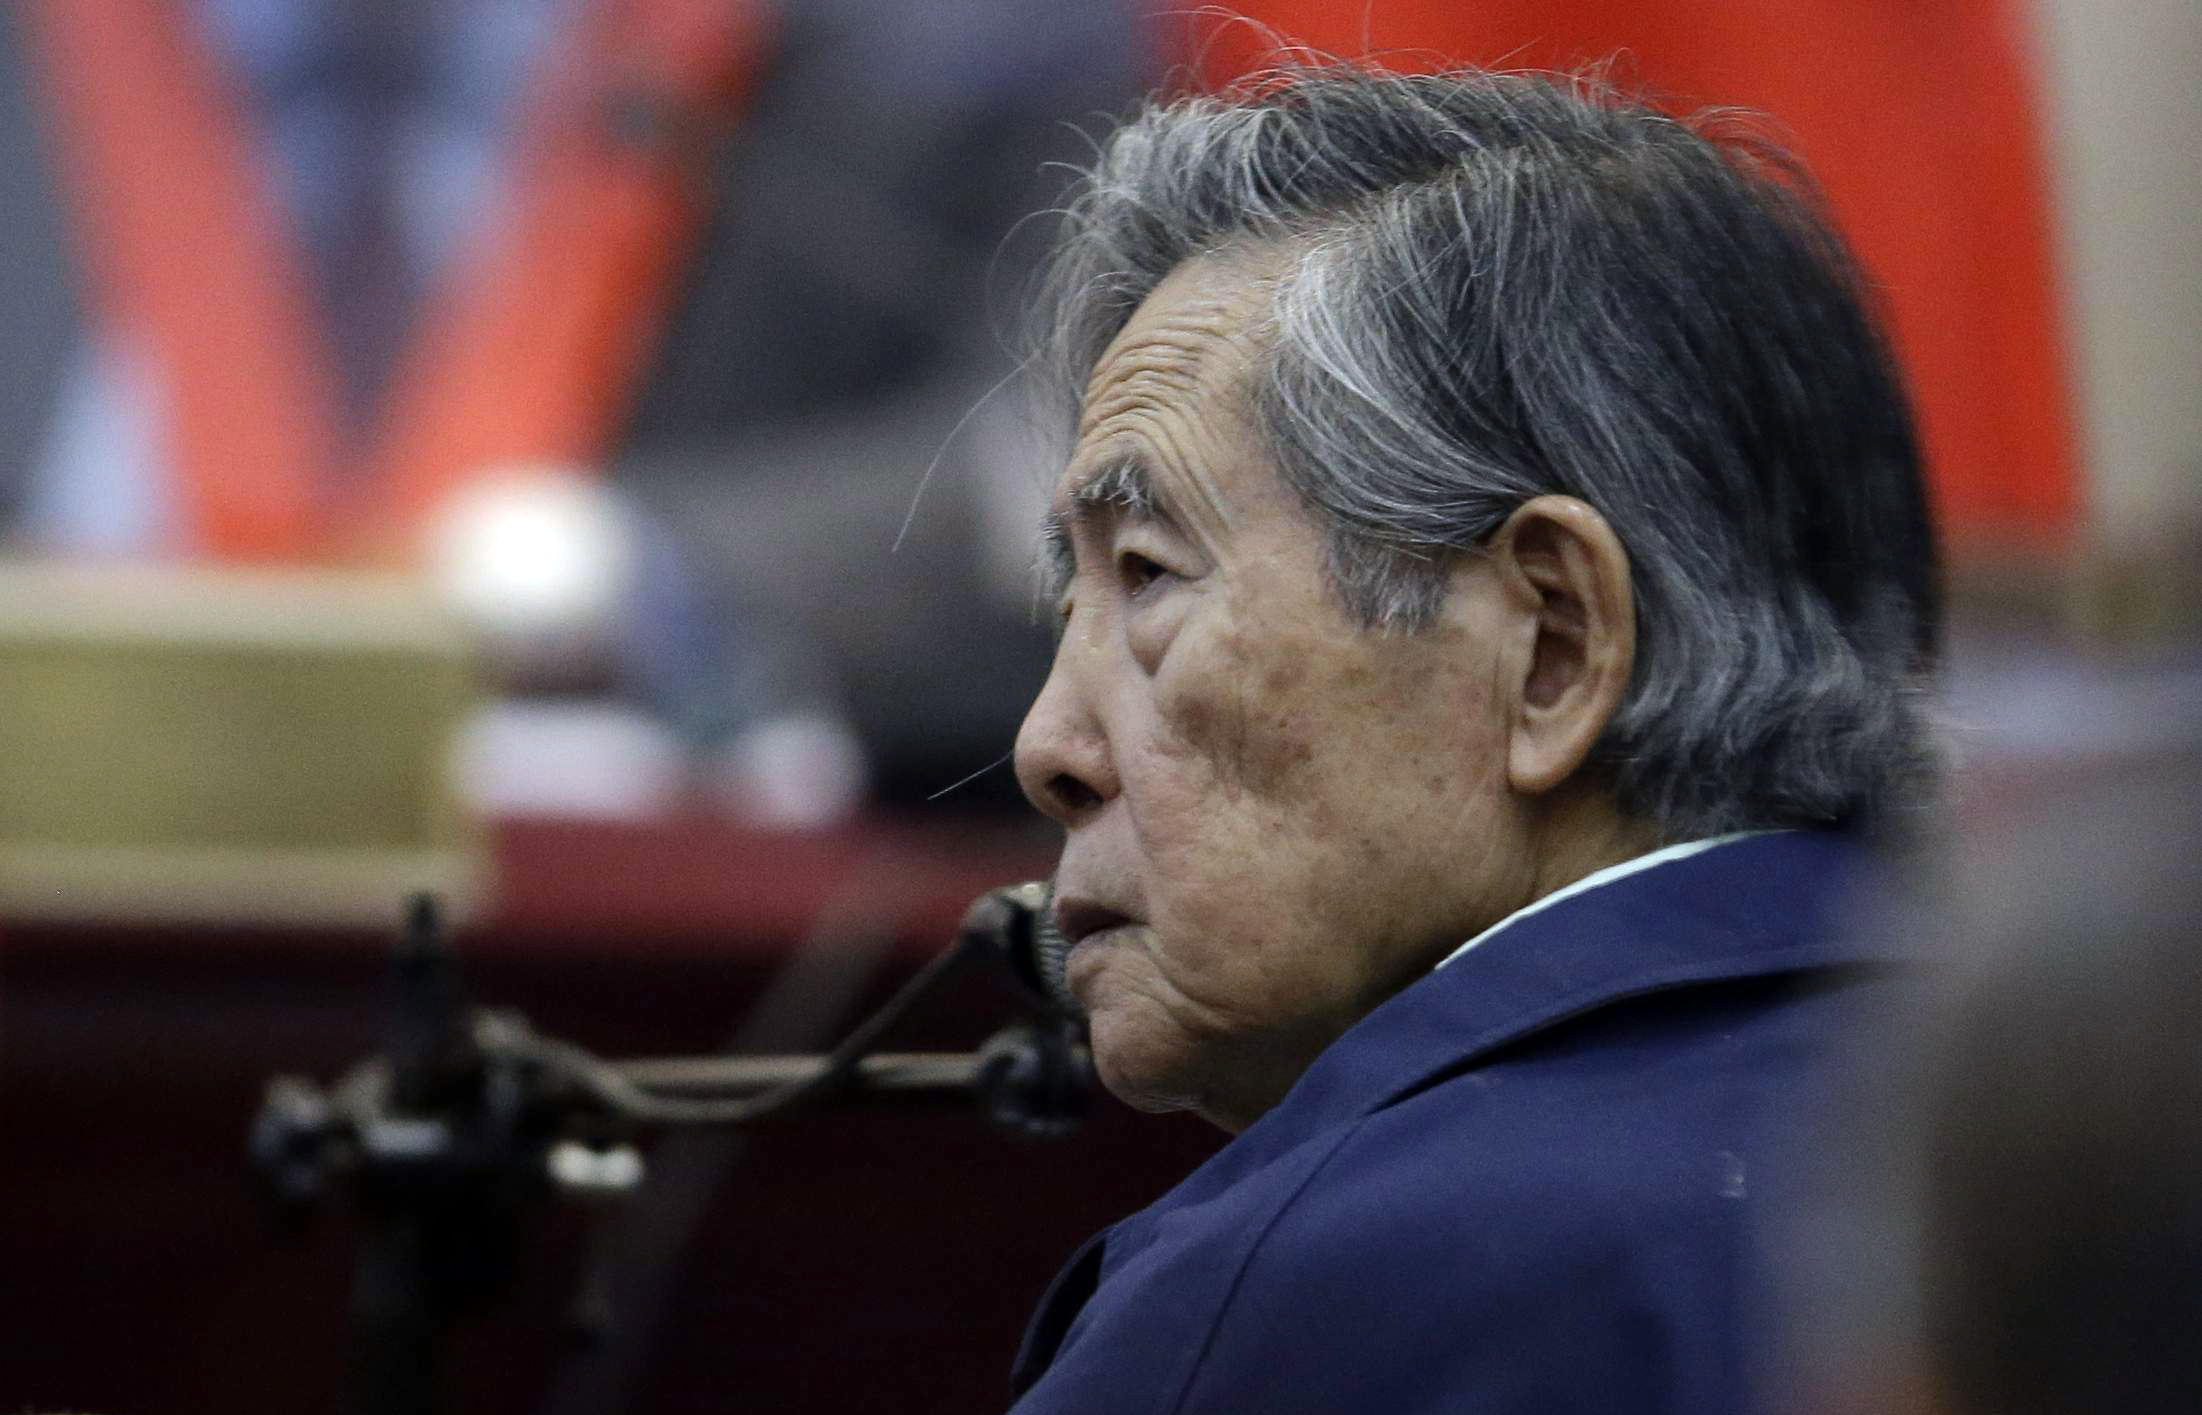 En esta foto del 15 de marzo de 2018, el ex presidente peruano Alberto Fujimori, escucha una pregunta durante su testimonio en una base militar en Callao, Perú. El poder judicial anuló el miércoles 3 de octubre el indulto humanitario que lo liberó y ordenó su captura para retornarlo a prisión. (AP Foto/Martín Mejia, Archivo)